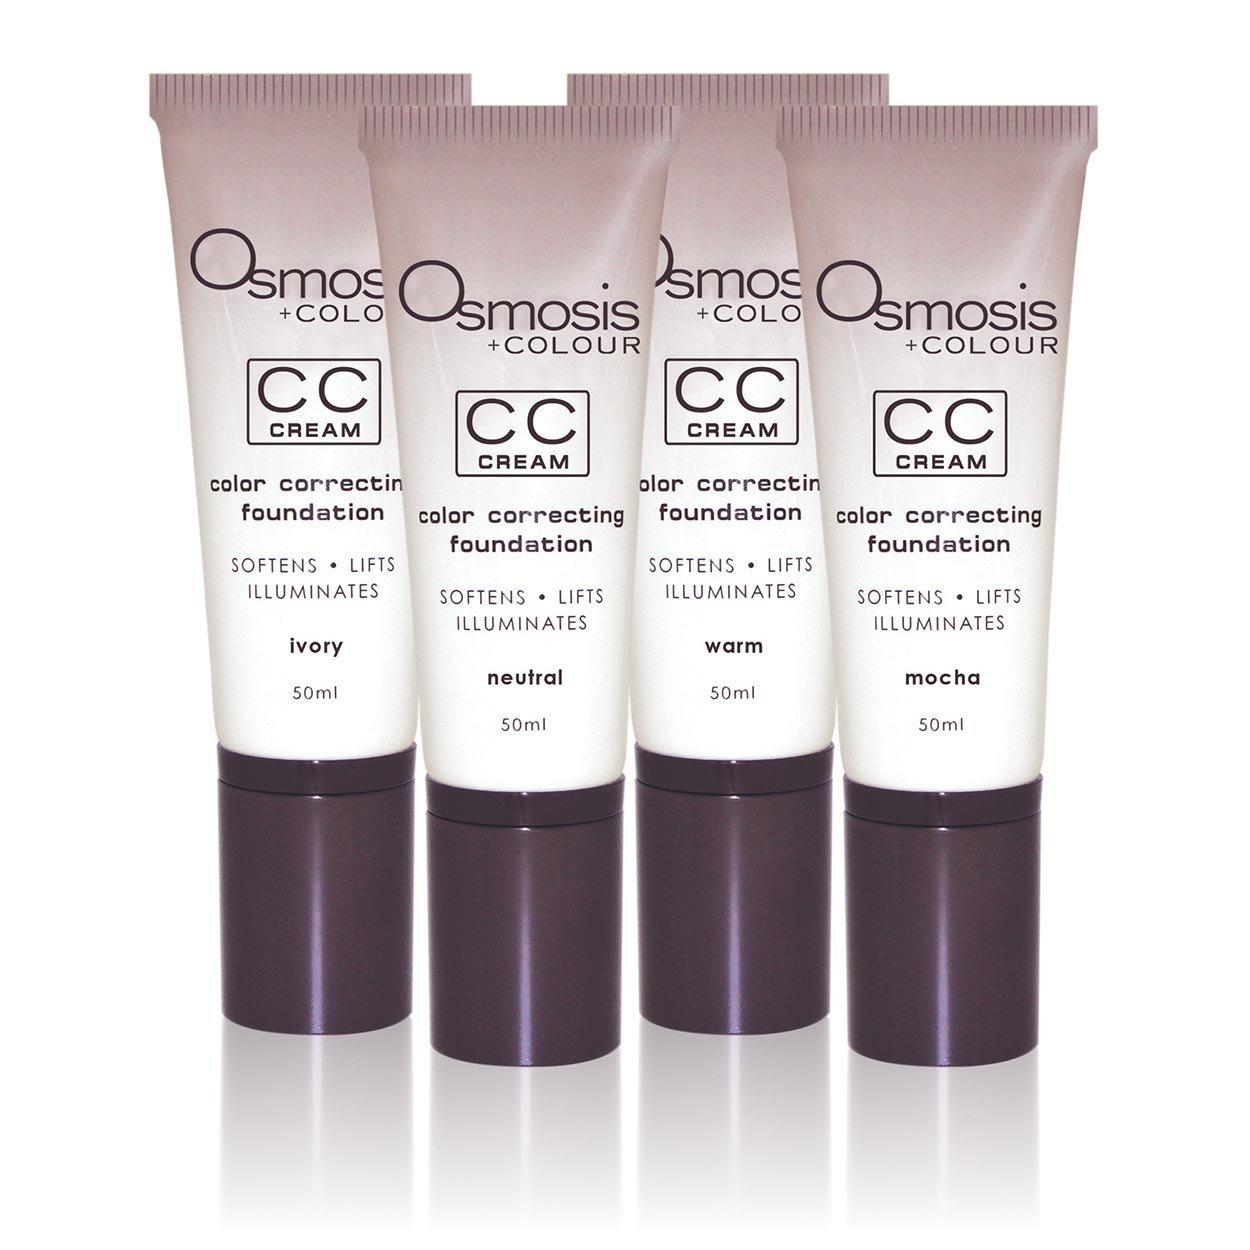 Neutral-CC Cream